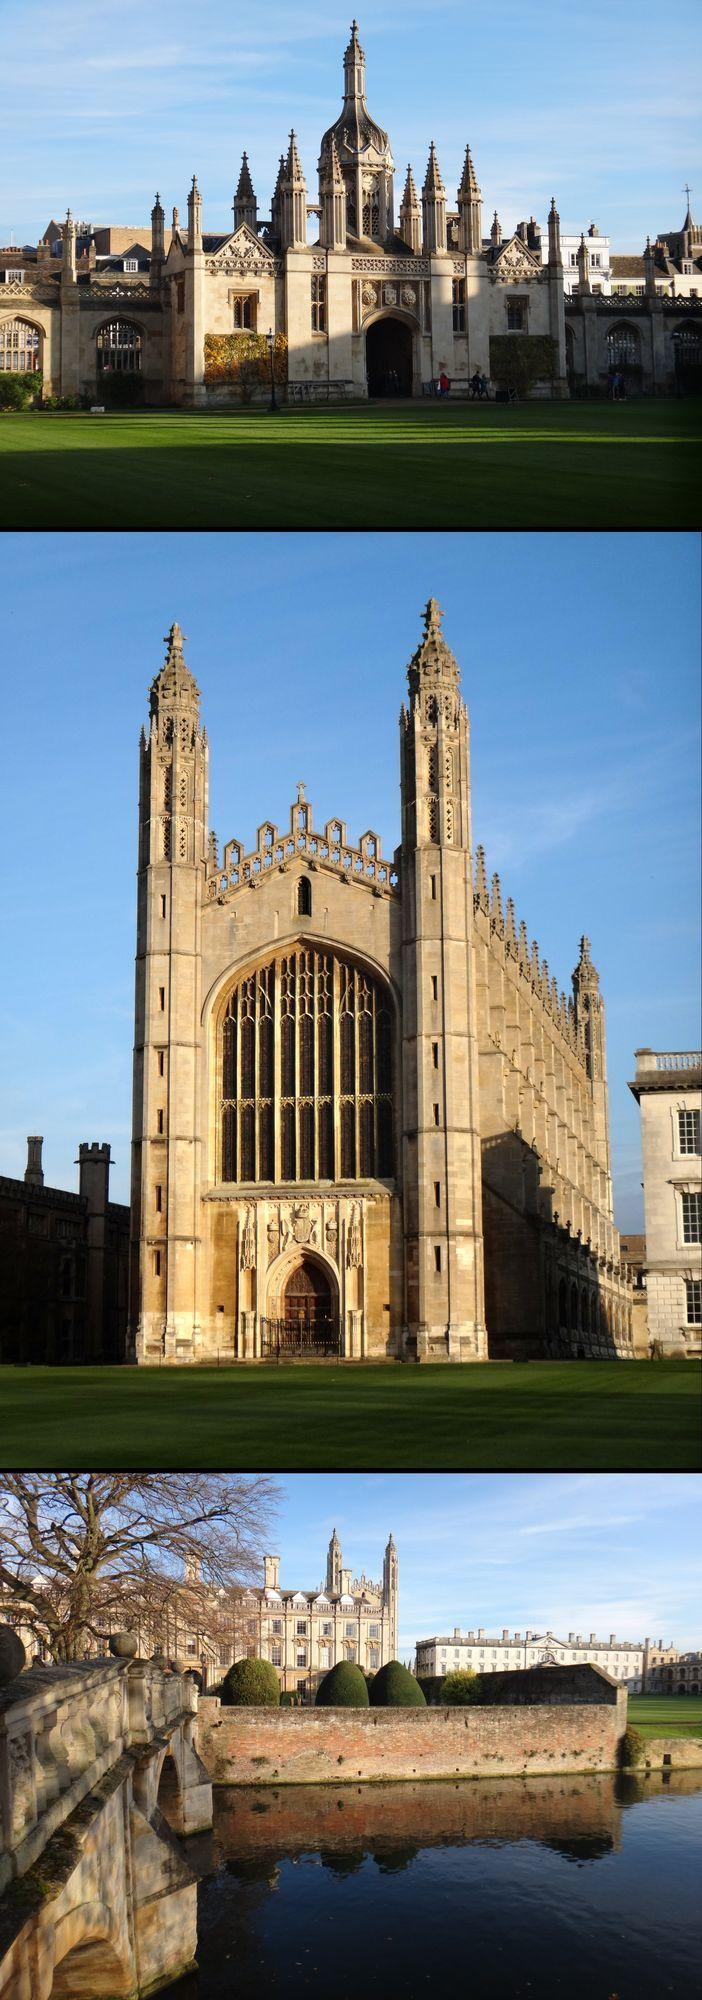 King's College, Cambridge, England, UK